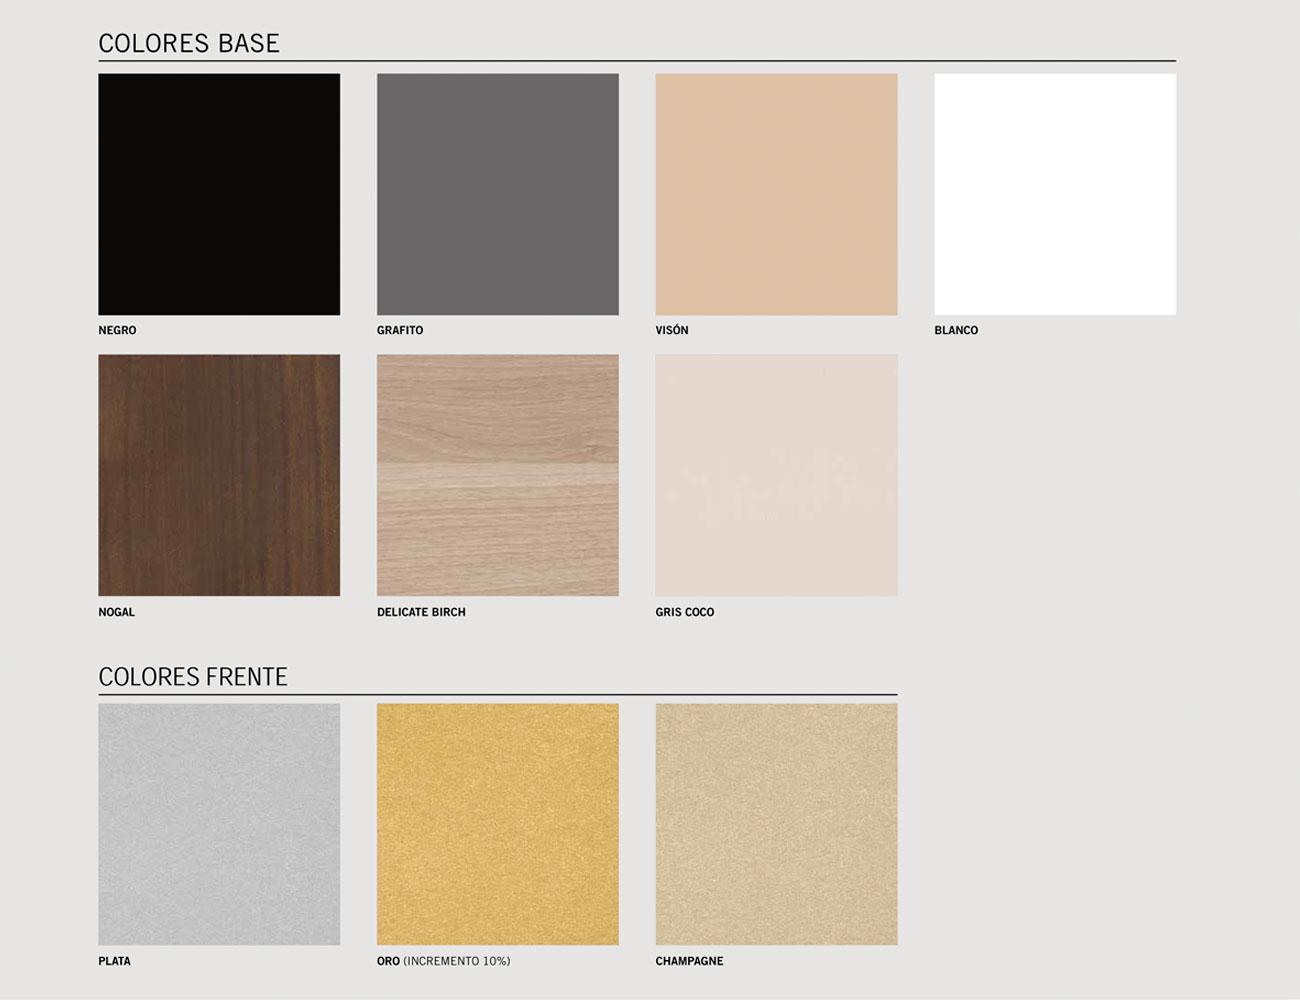 Colores base2